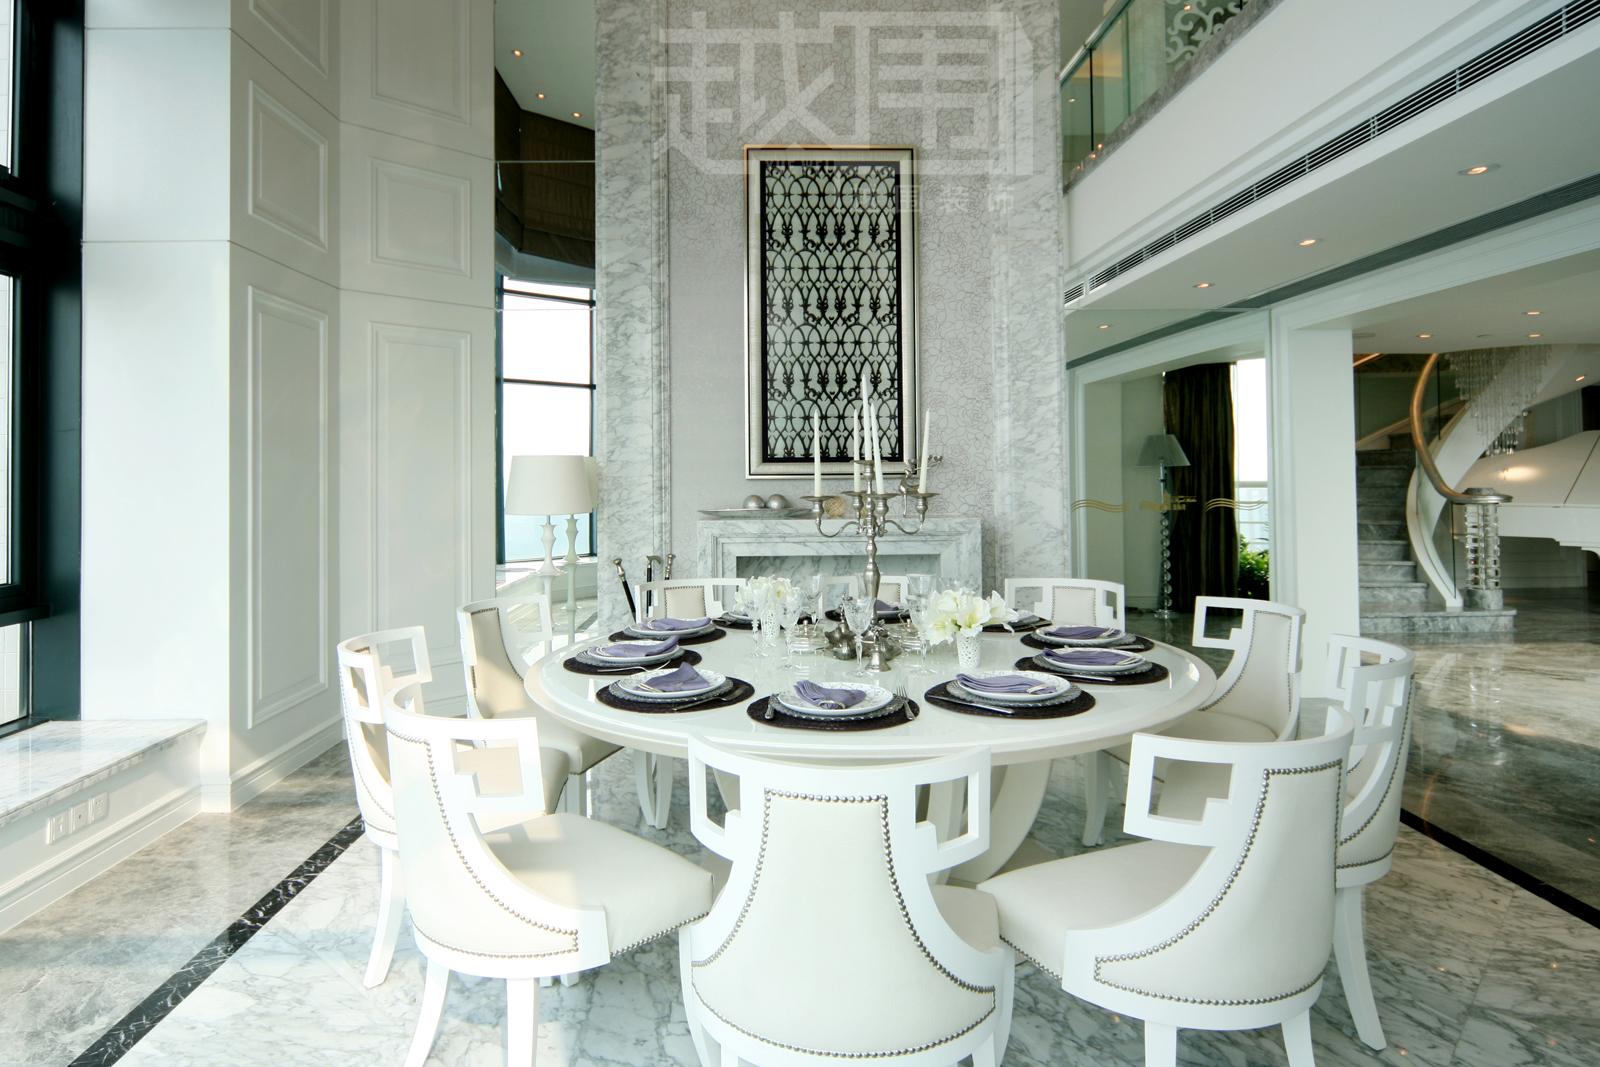 欧式风格餐厅圆形餐桌装修效果图